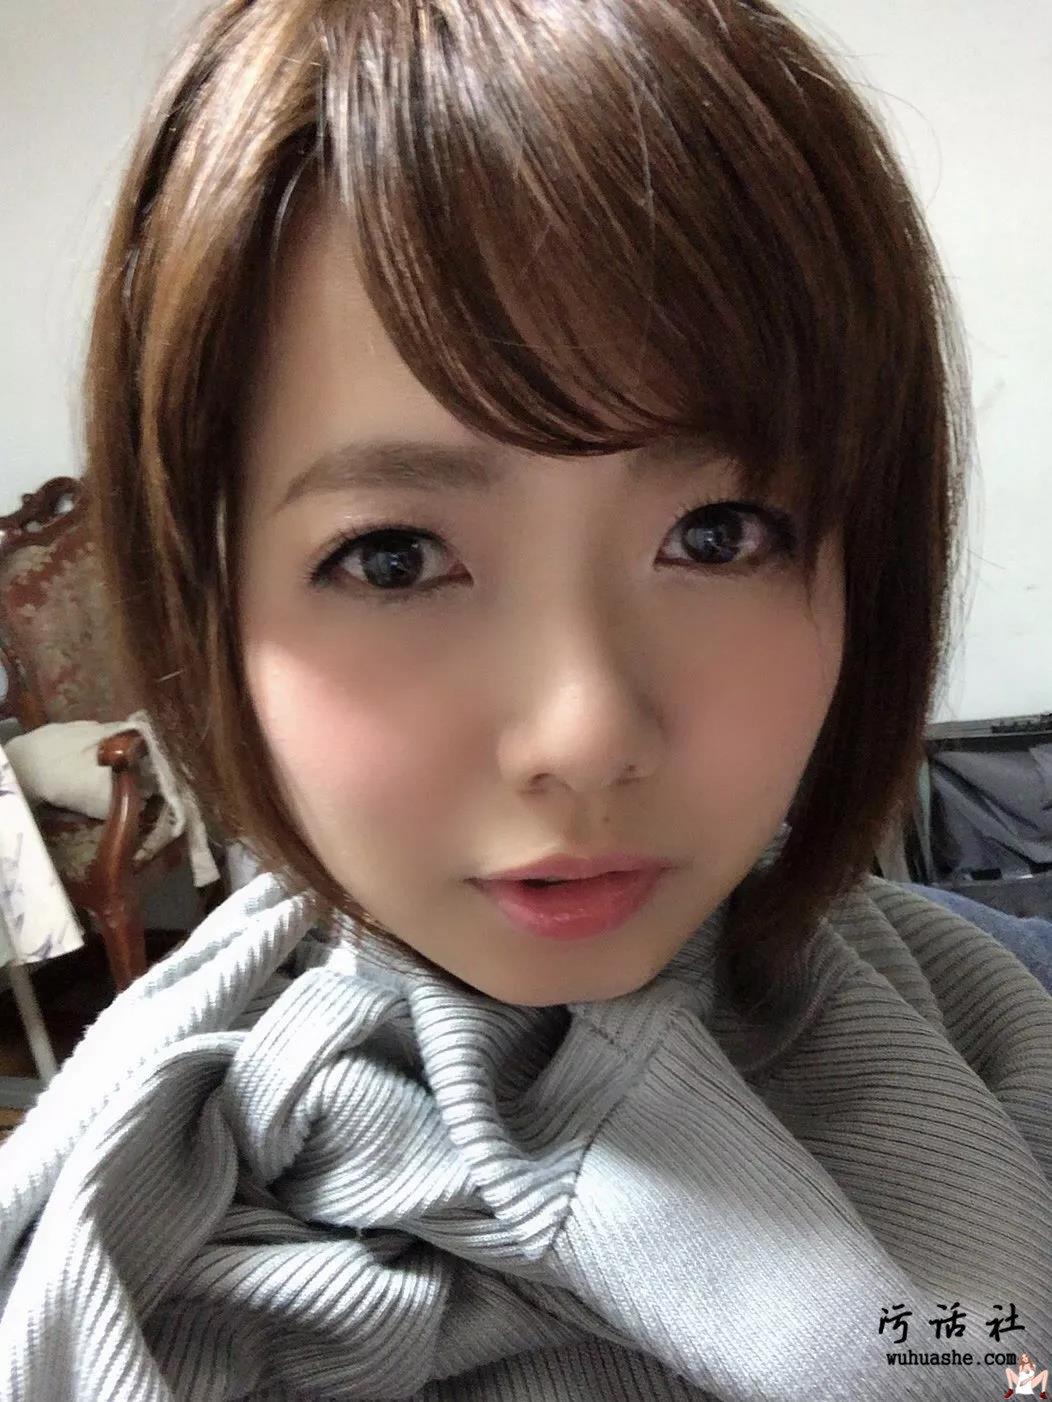 尚子 画像 赤瀬